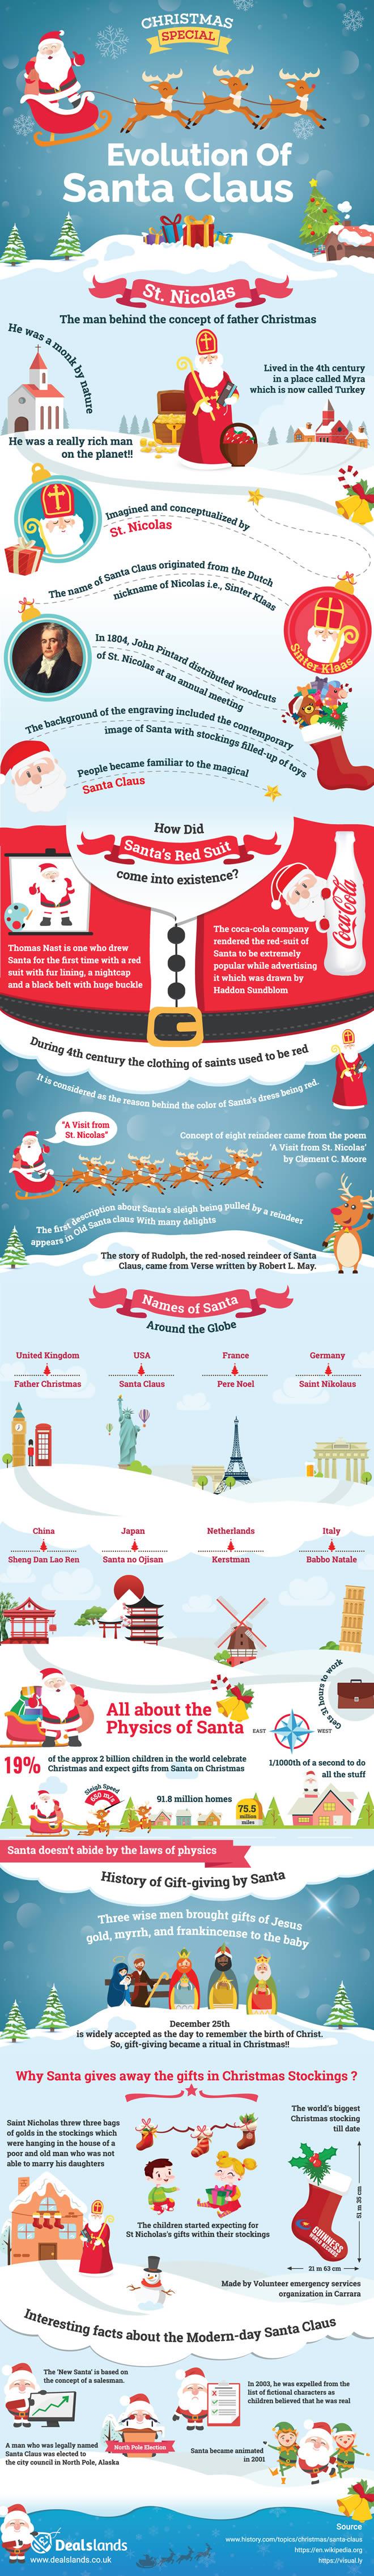 Christmas Special – Evolution Of Santa Claus